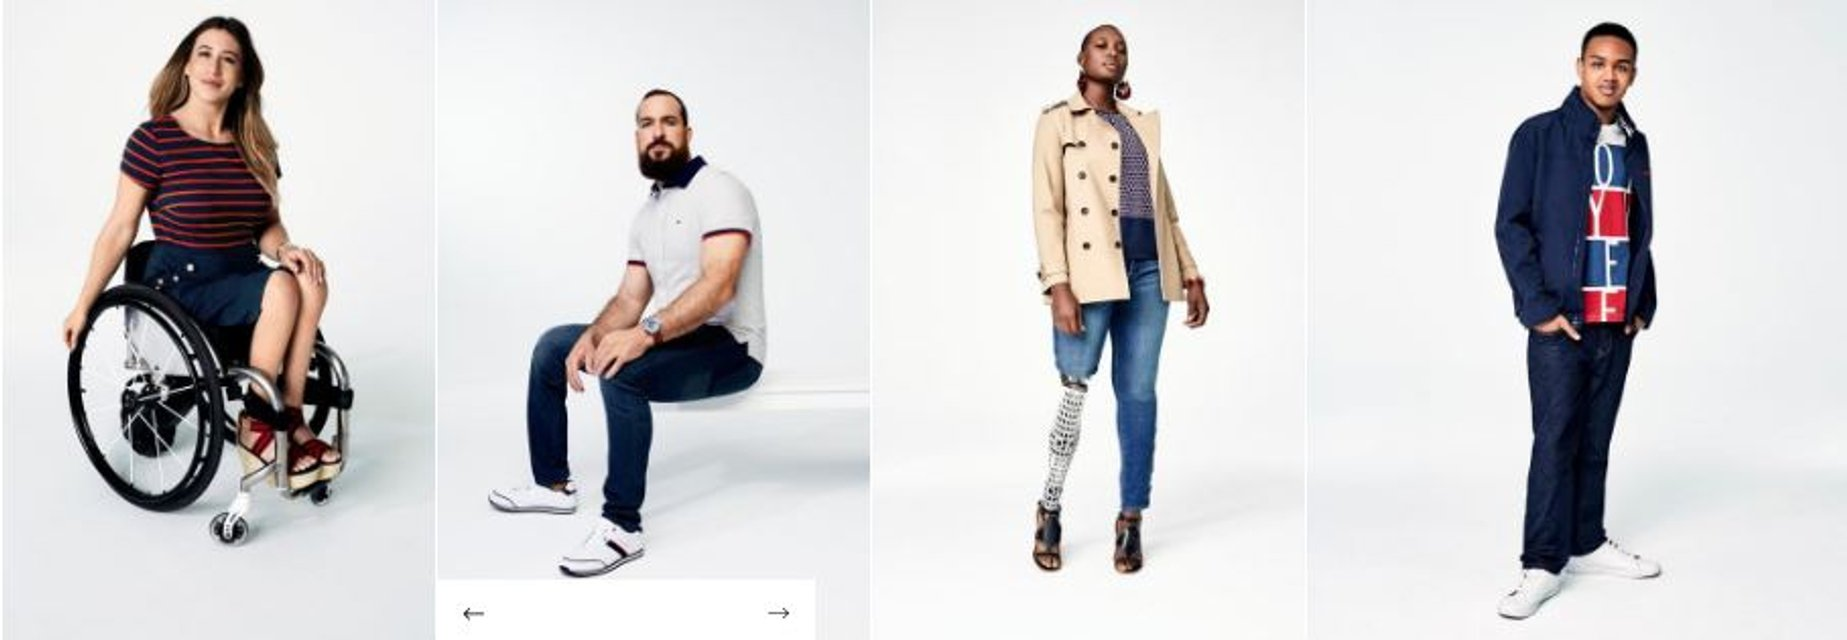 Бренд Tommy Hilfiger выпустил одежду для людей с инвалидностью - фото 118178